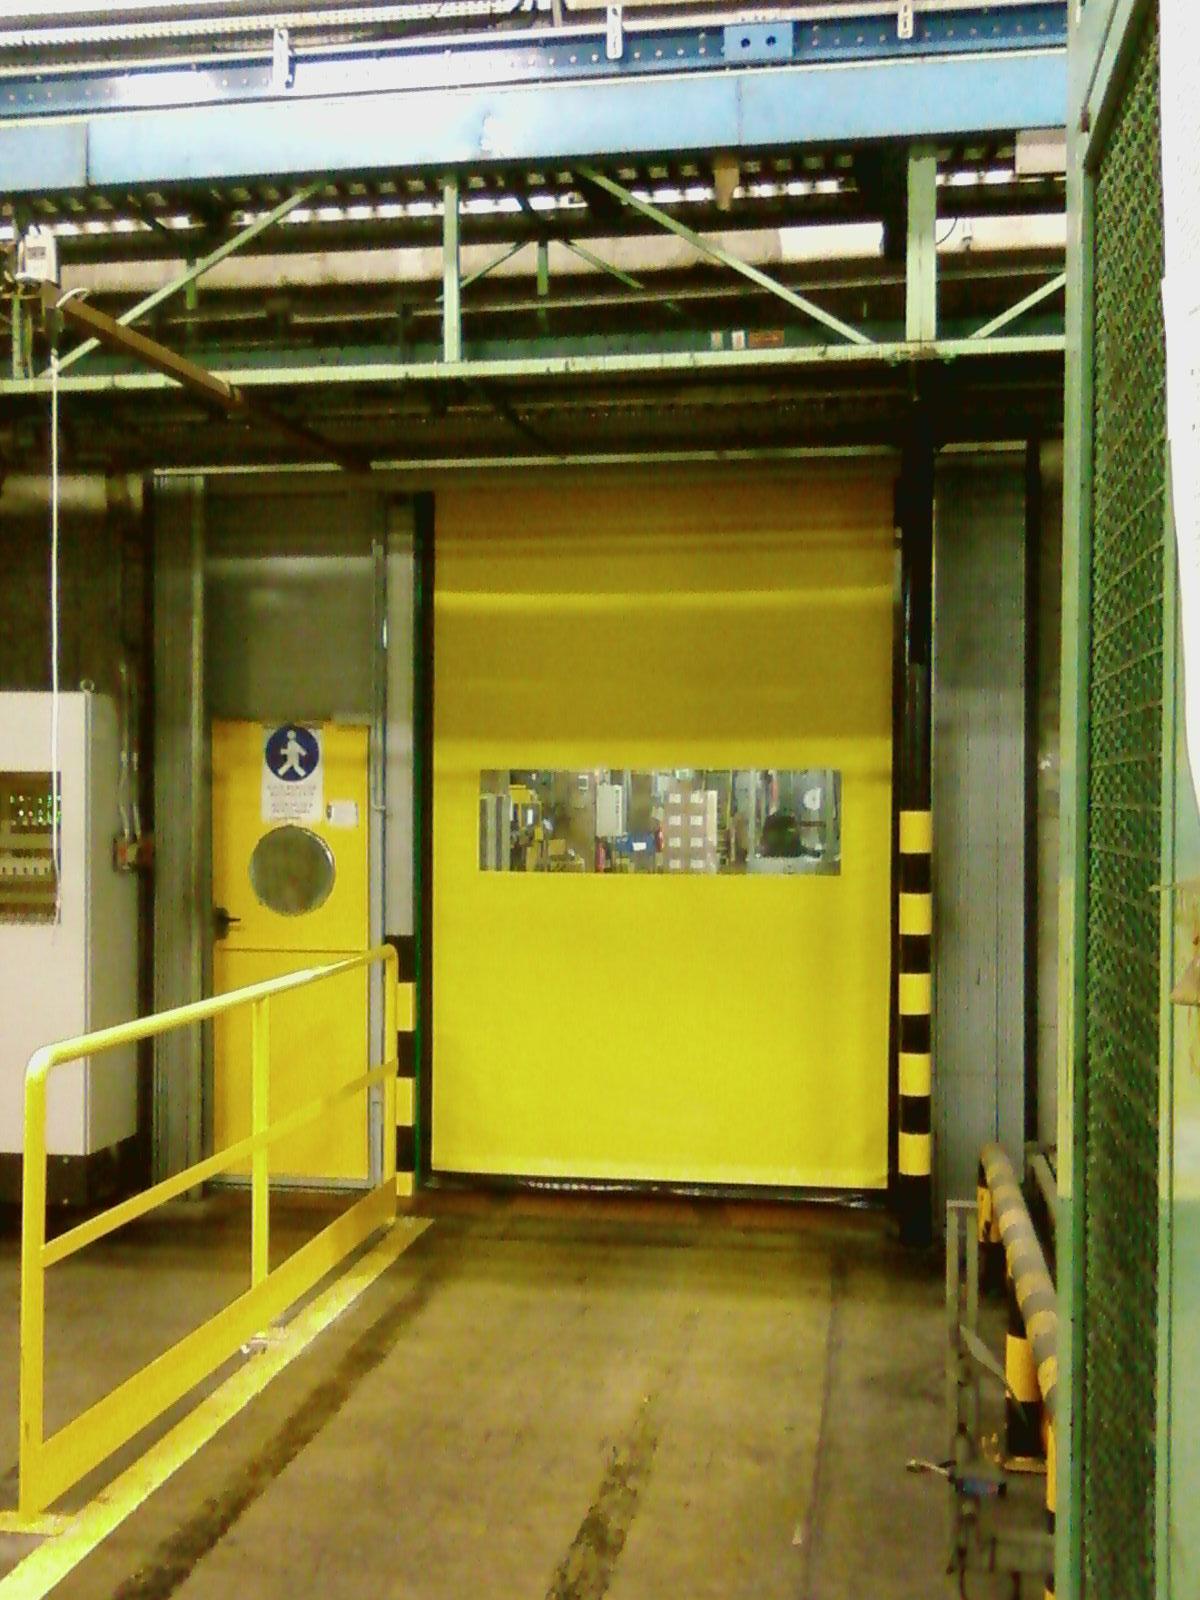 schnelllauftor-comfort-gelb-rechteck-fenster